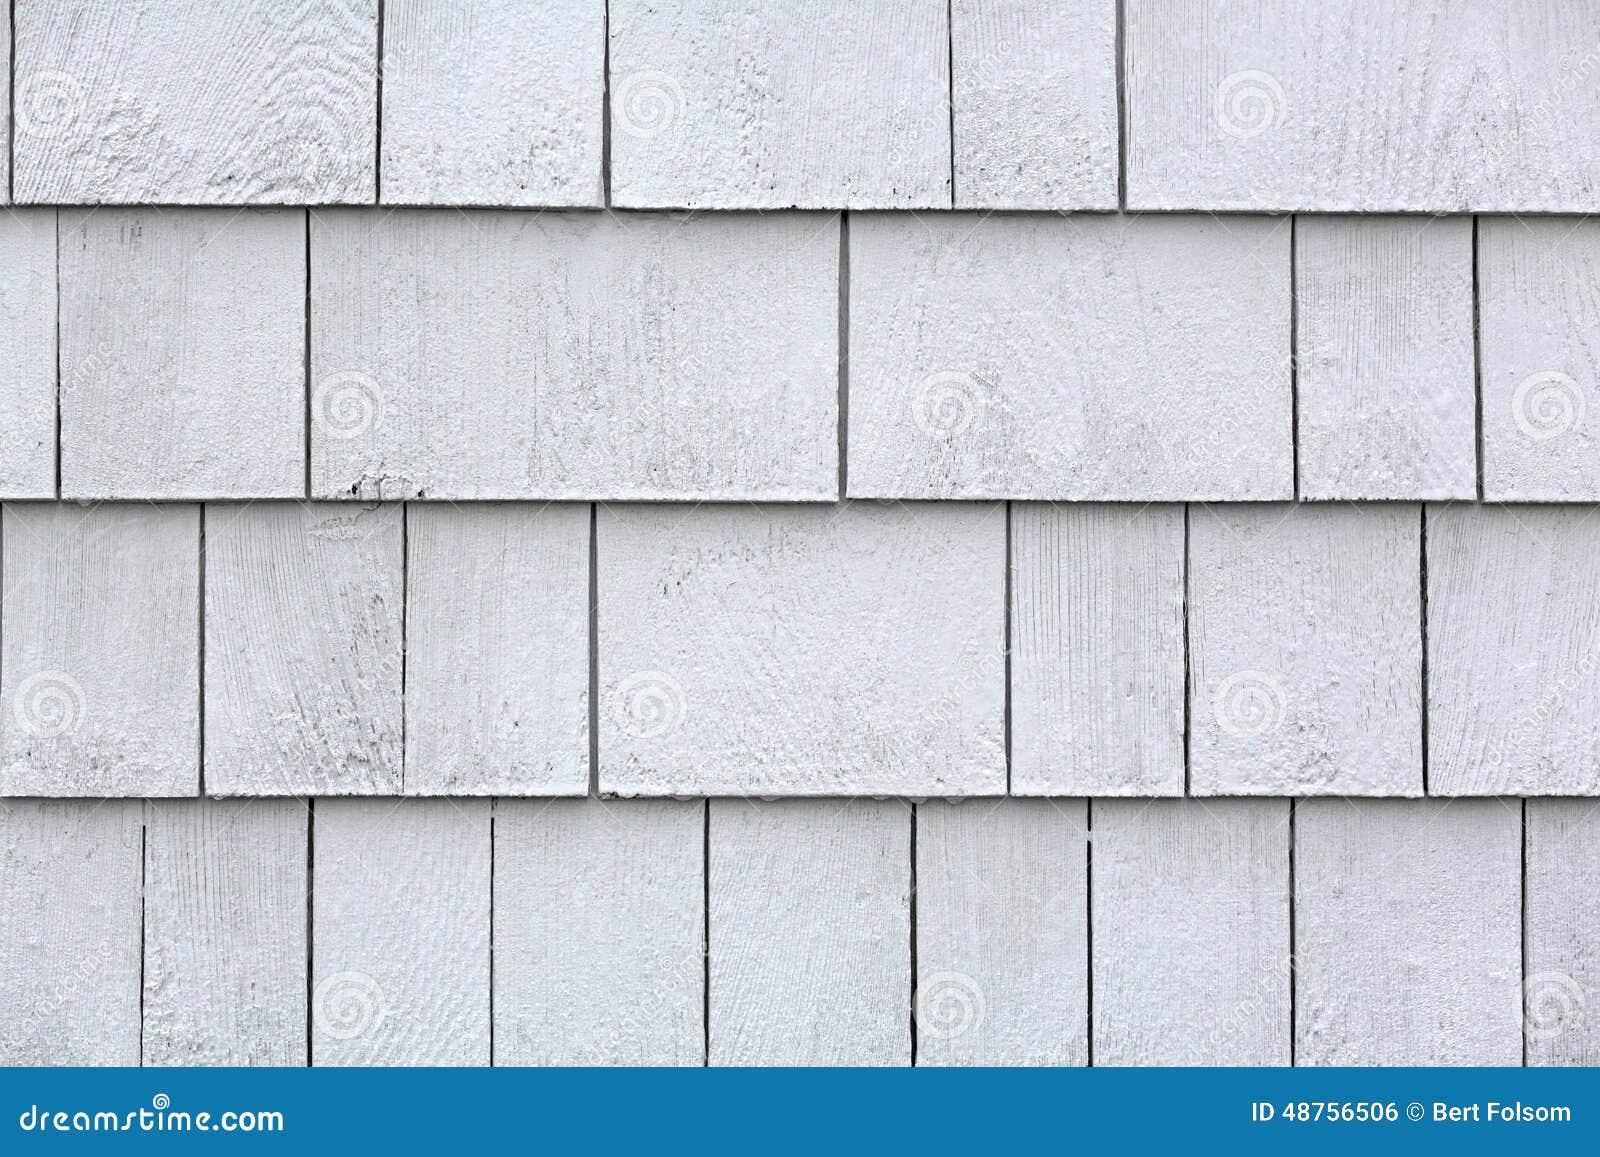 Whitewashed Cedar Shingles Stock Photo Image 48756506